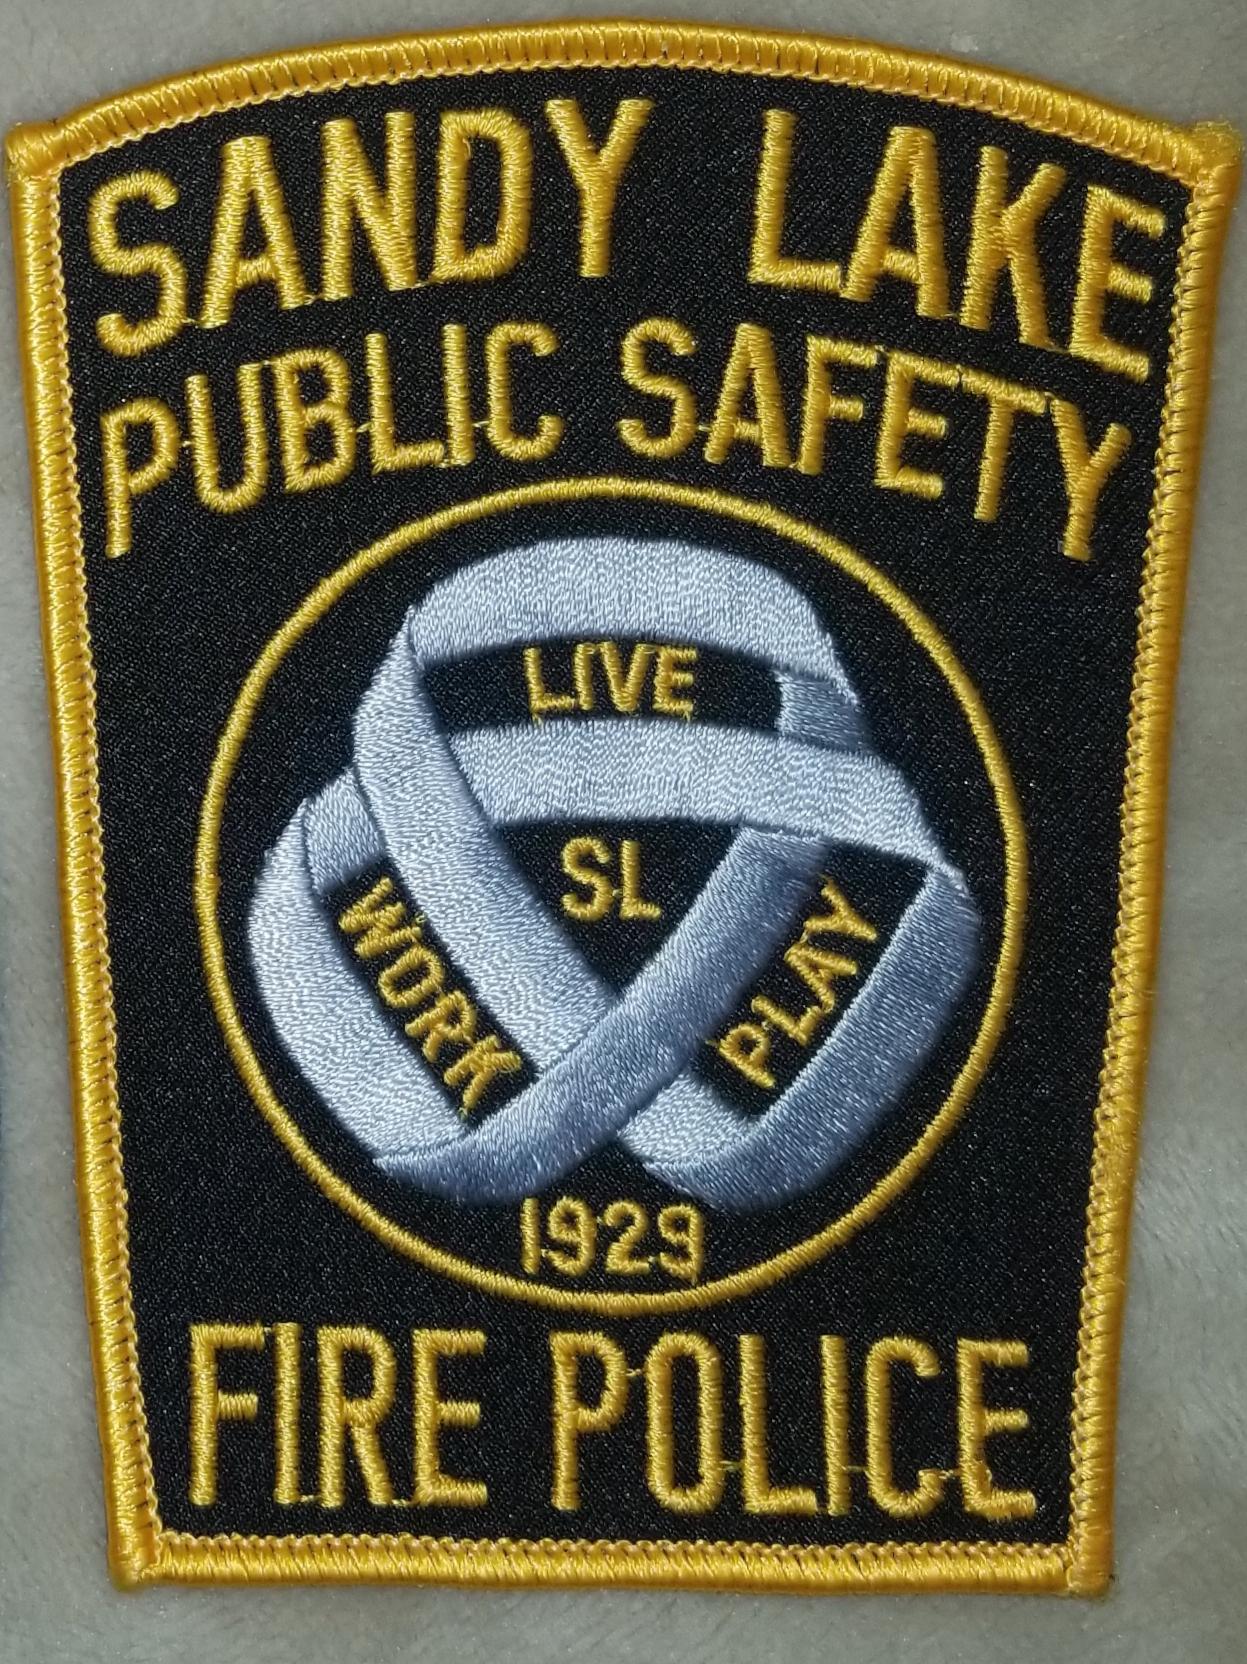 Sandy Lake Public Safety Fire Police PA.